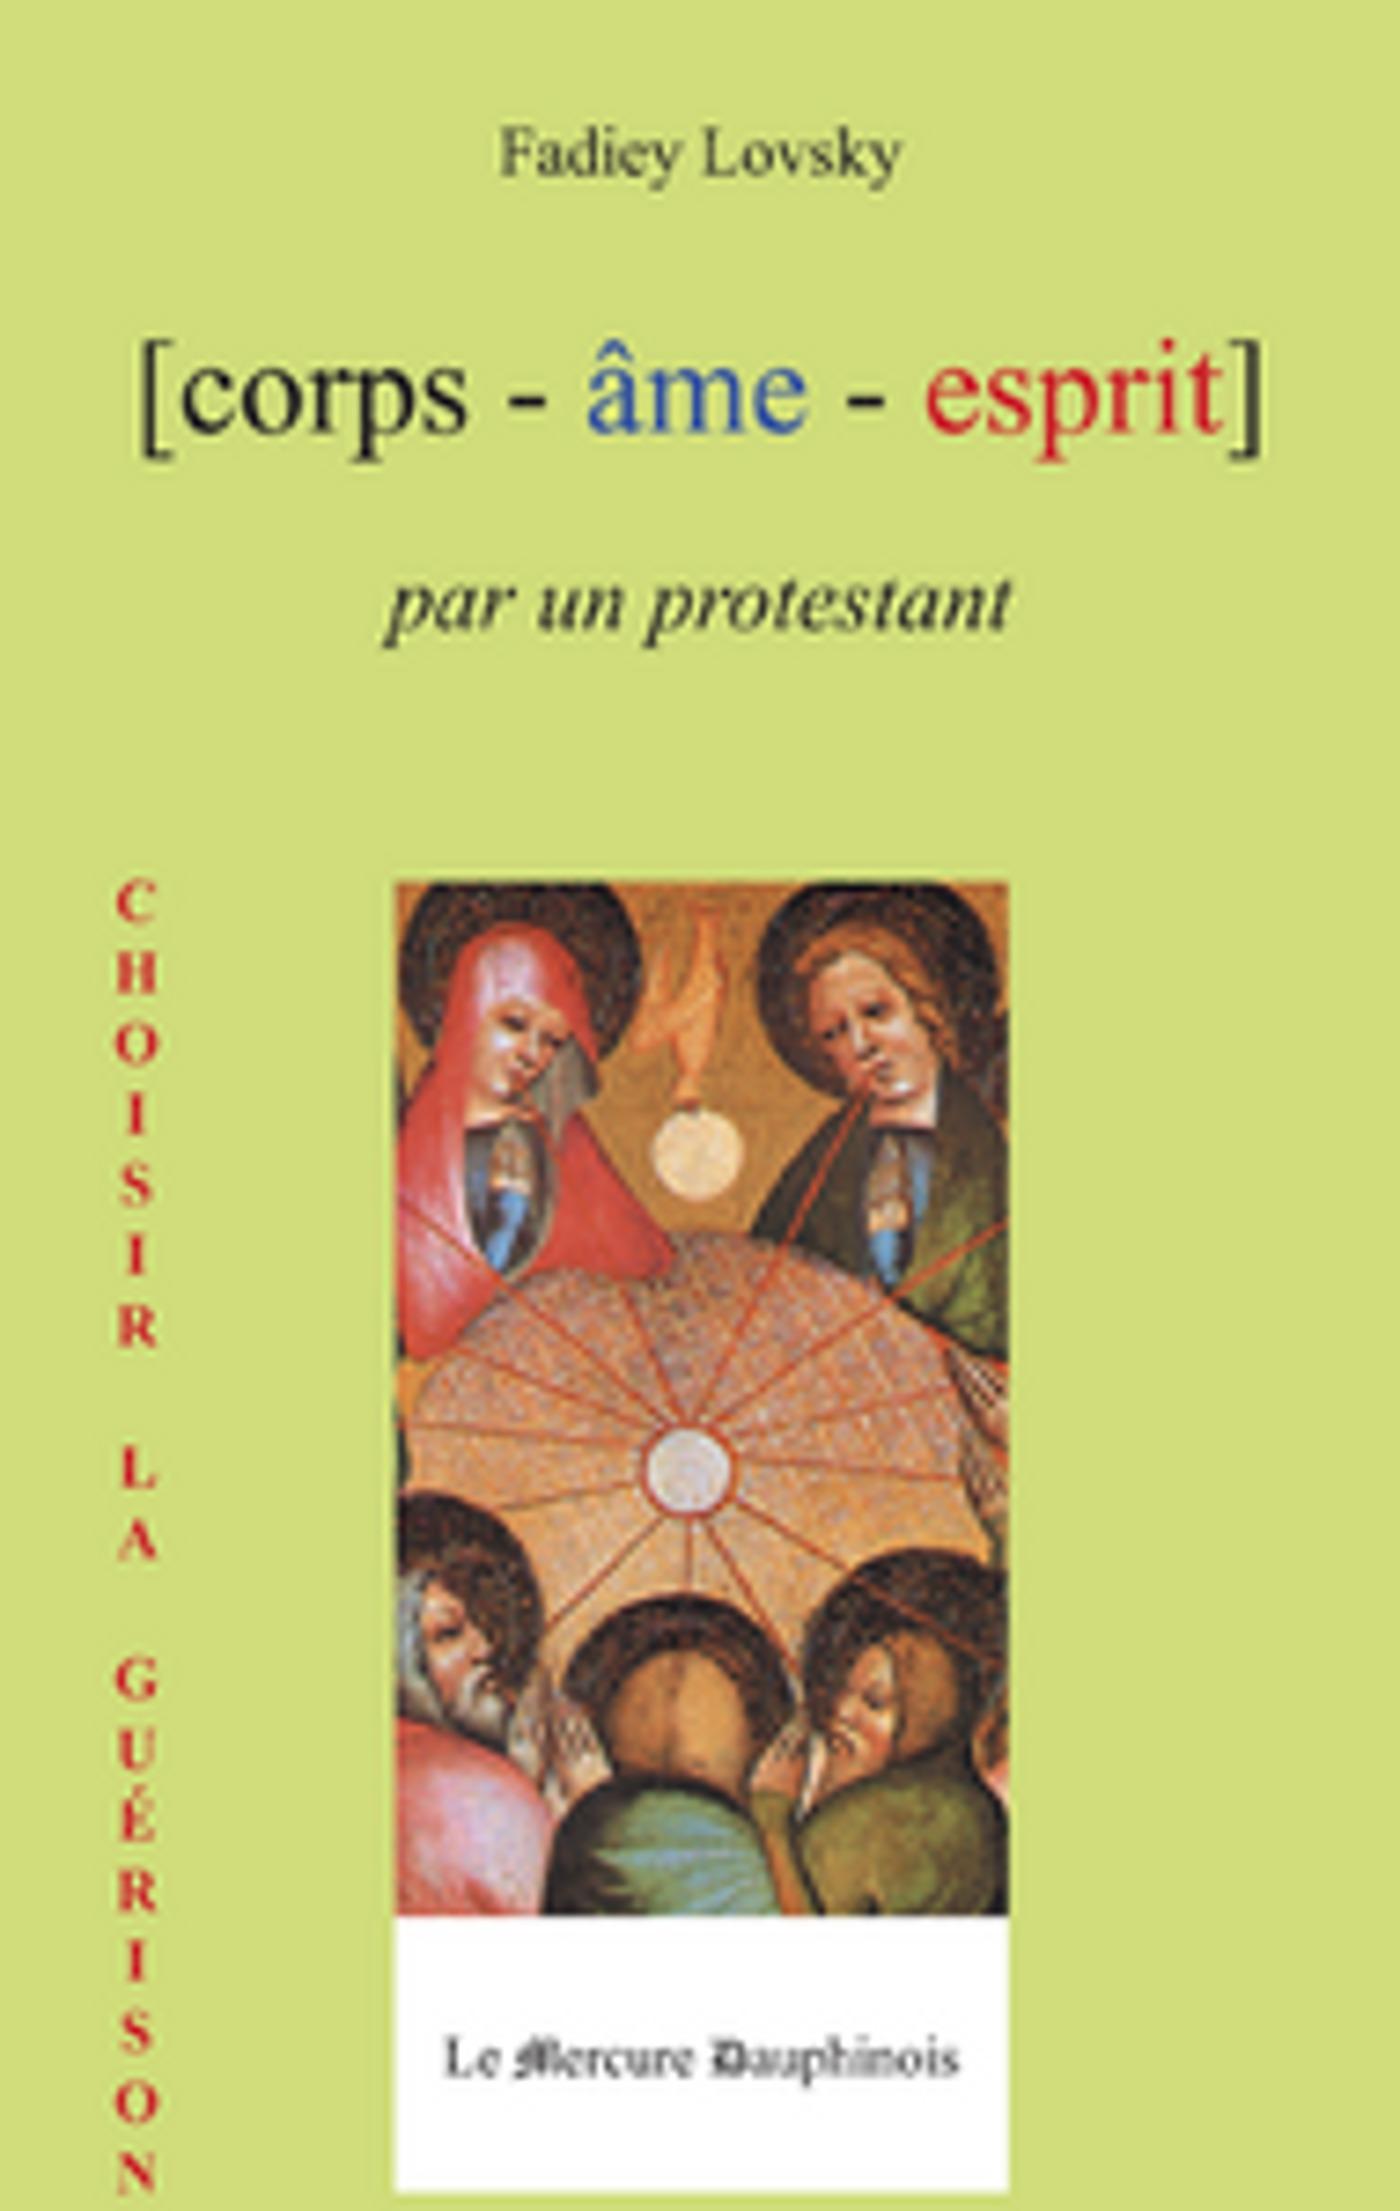 Corps - âme - esprit par un protestant